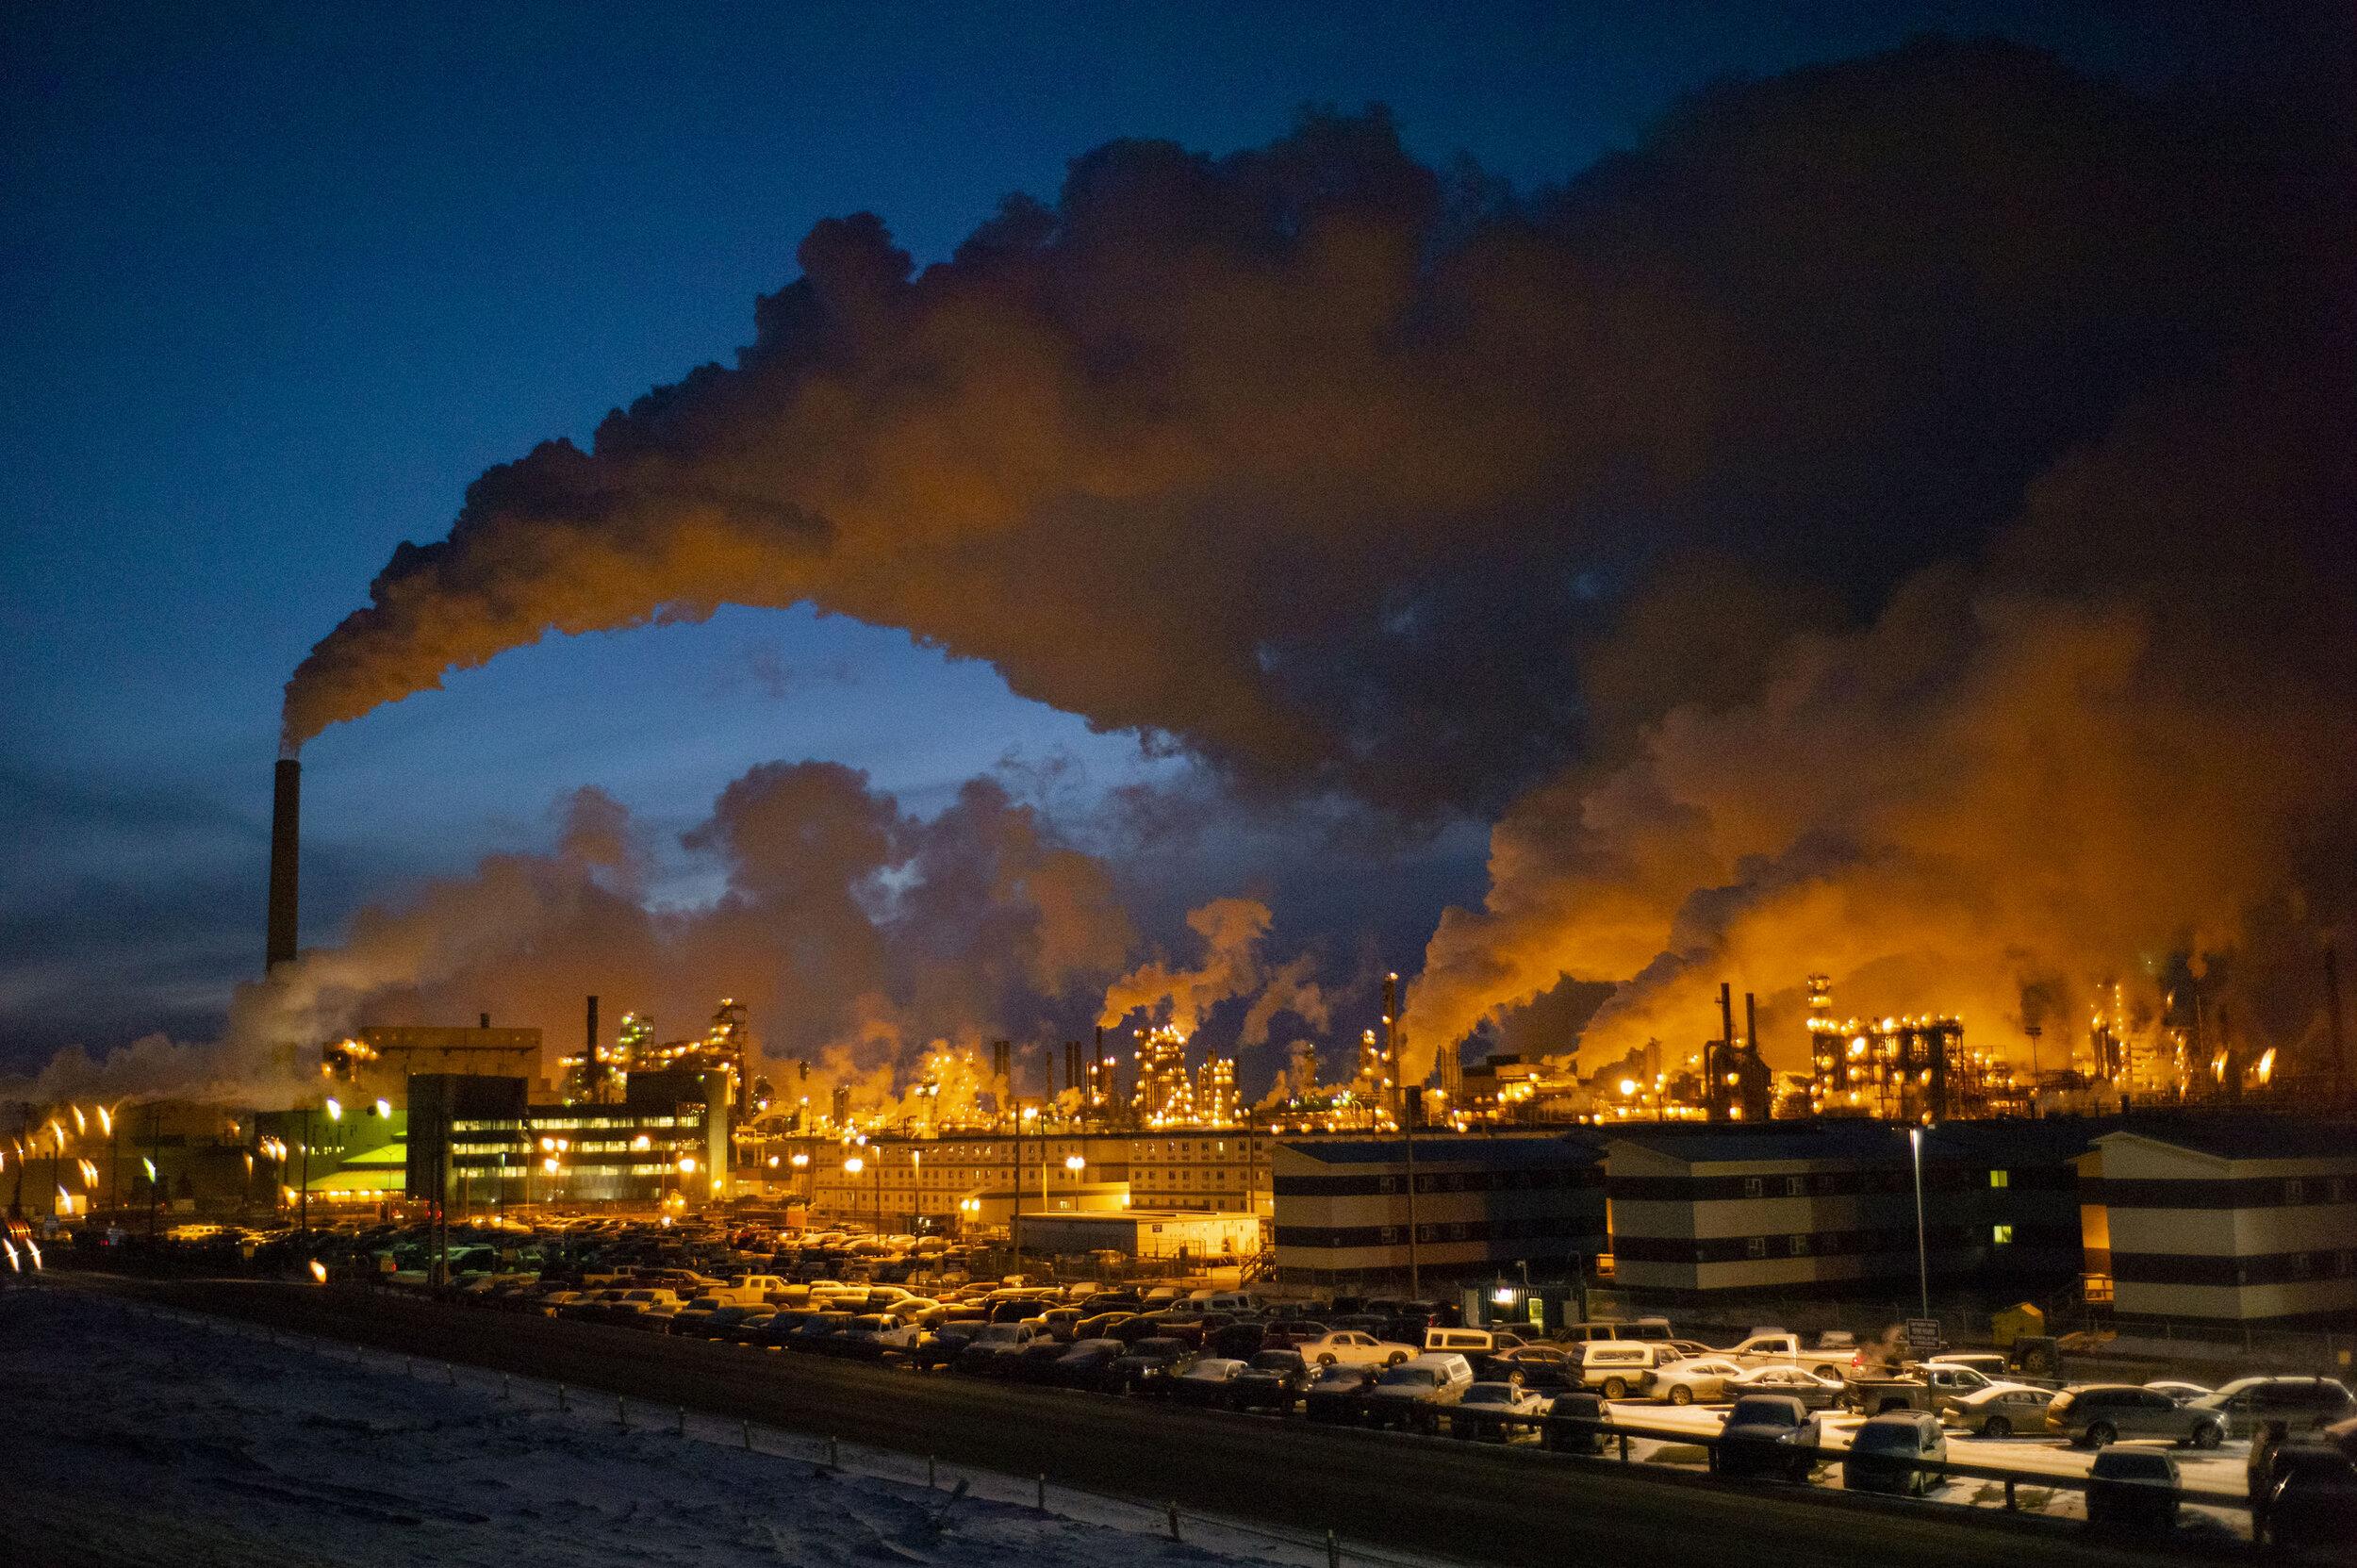 Die Aufbereitungsanlage der Firma Syncrude für Ölsande. Die Ölsandindustrie setzt jedes Jahr über 70 Megatonnen Treibhausgasemissionen frei.